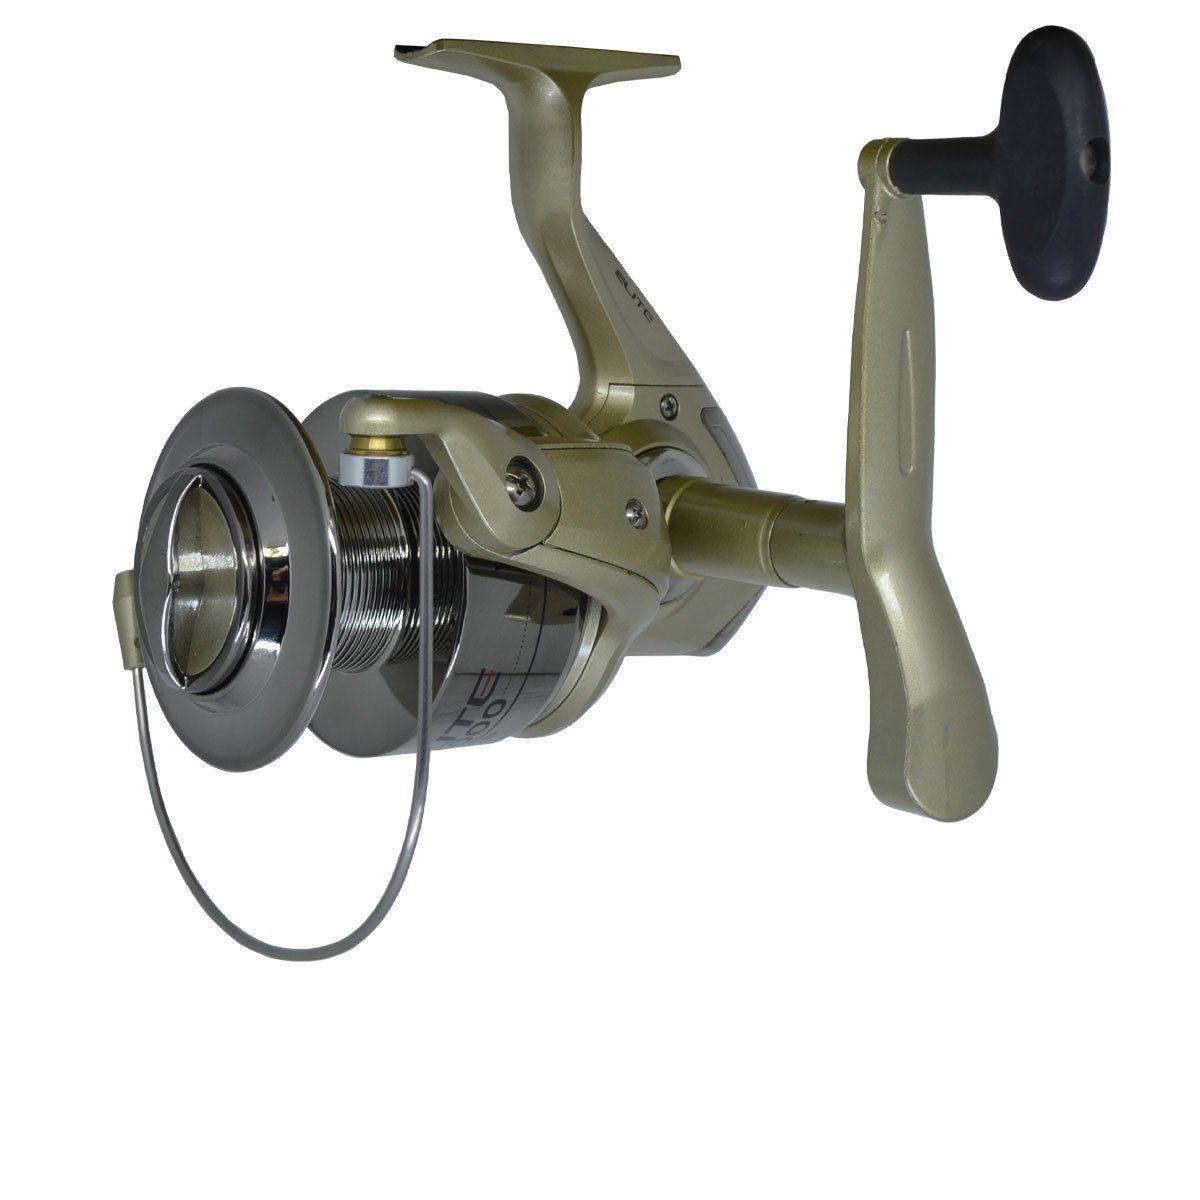 Molinete de Fricção Dianteira Marine Sports Elite 6000F - 3 Rolamentos